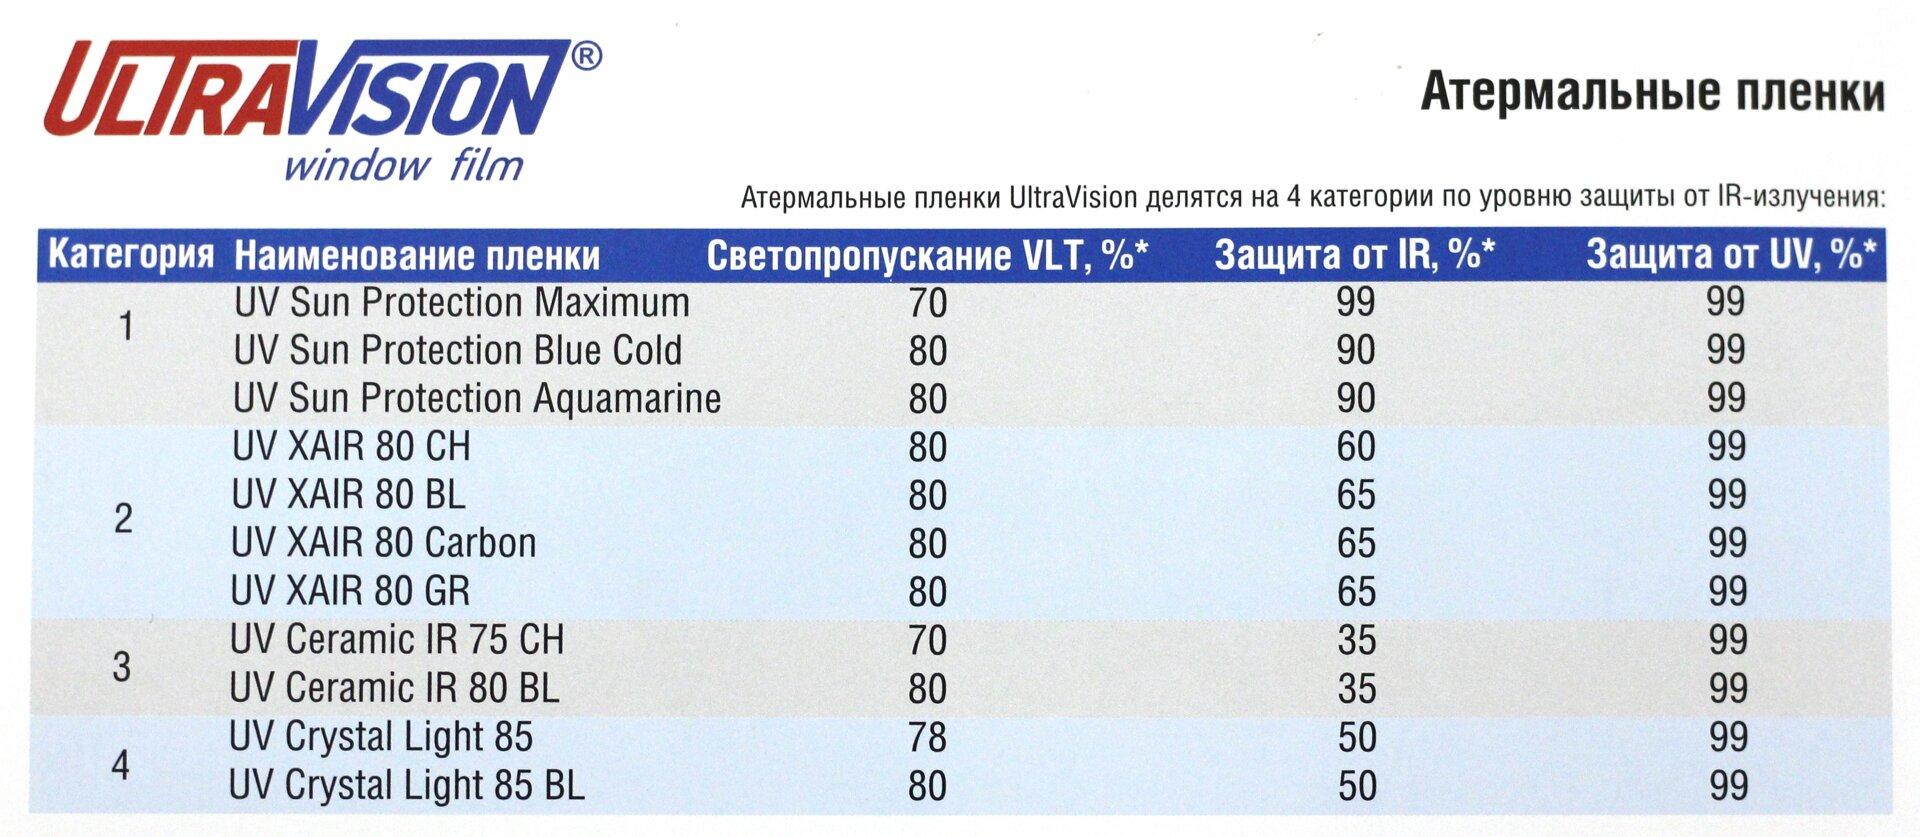 Атермальная пленка UV Crystal Light 85 1.52х30м - фото pic_e726ddc9618ca1839c50c0350f98e63f_1920x9000_1.jpg